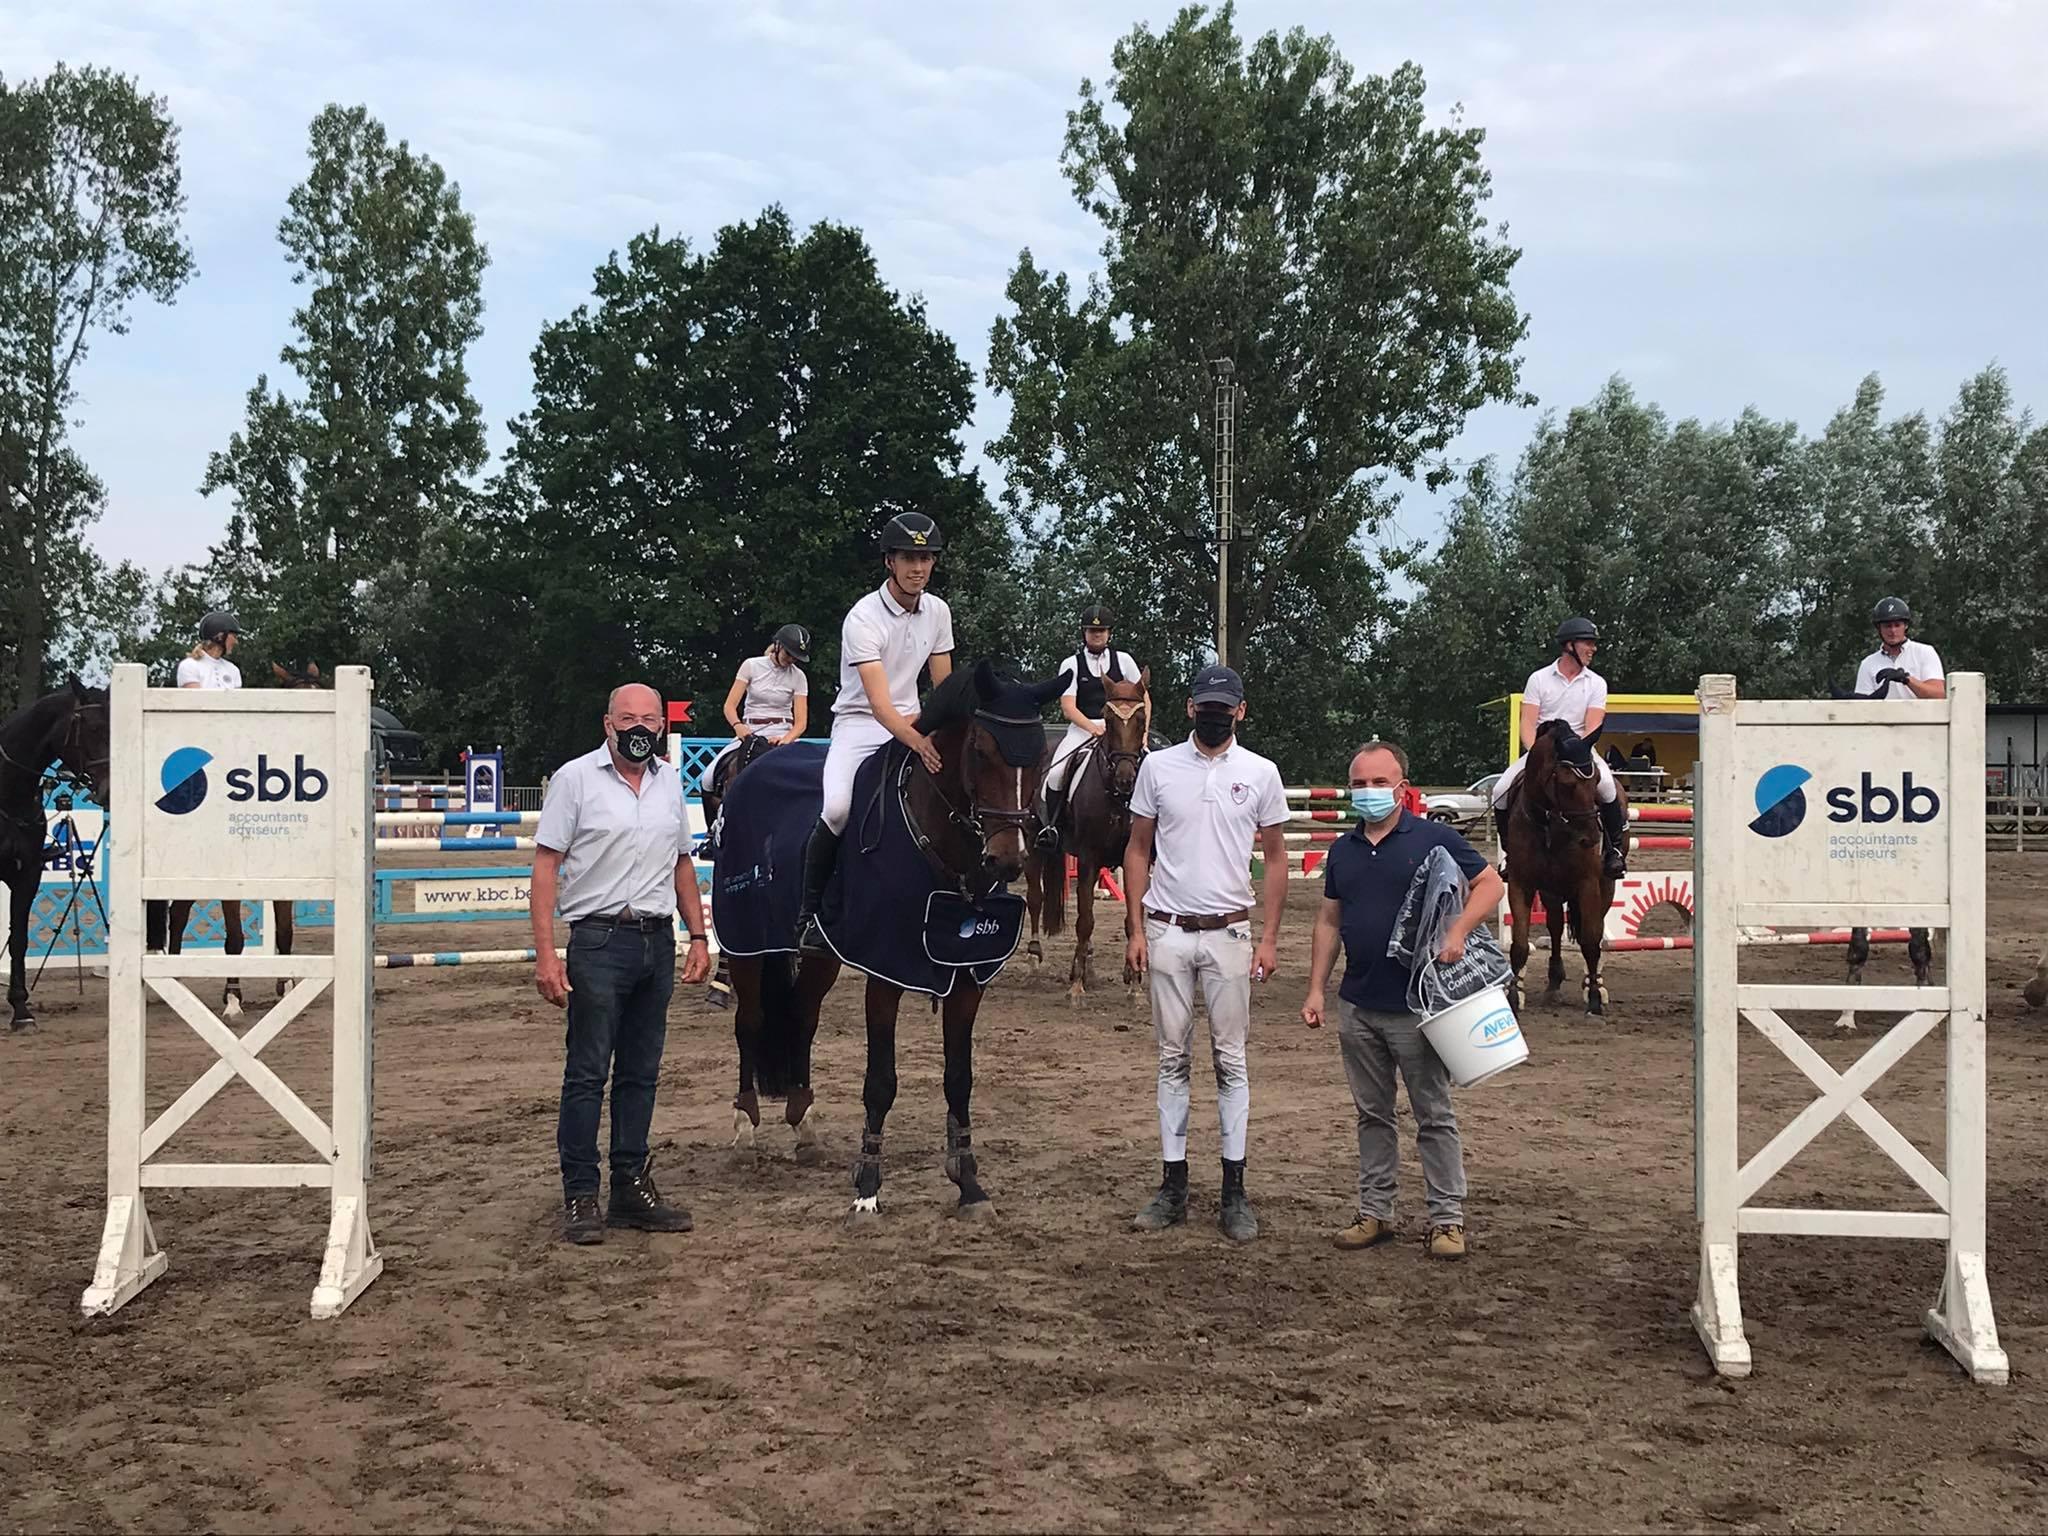 Stef Robberecht wint met Pandora van de Kruishoeve SBB jonge paarden in Eksaarde Doorslaar